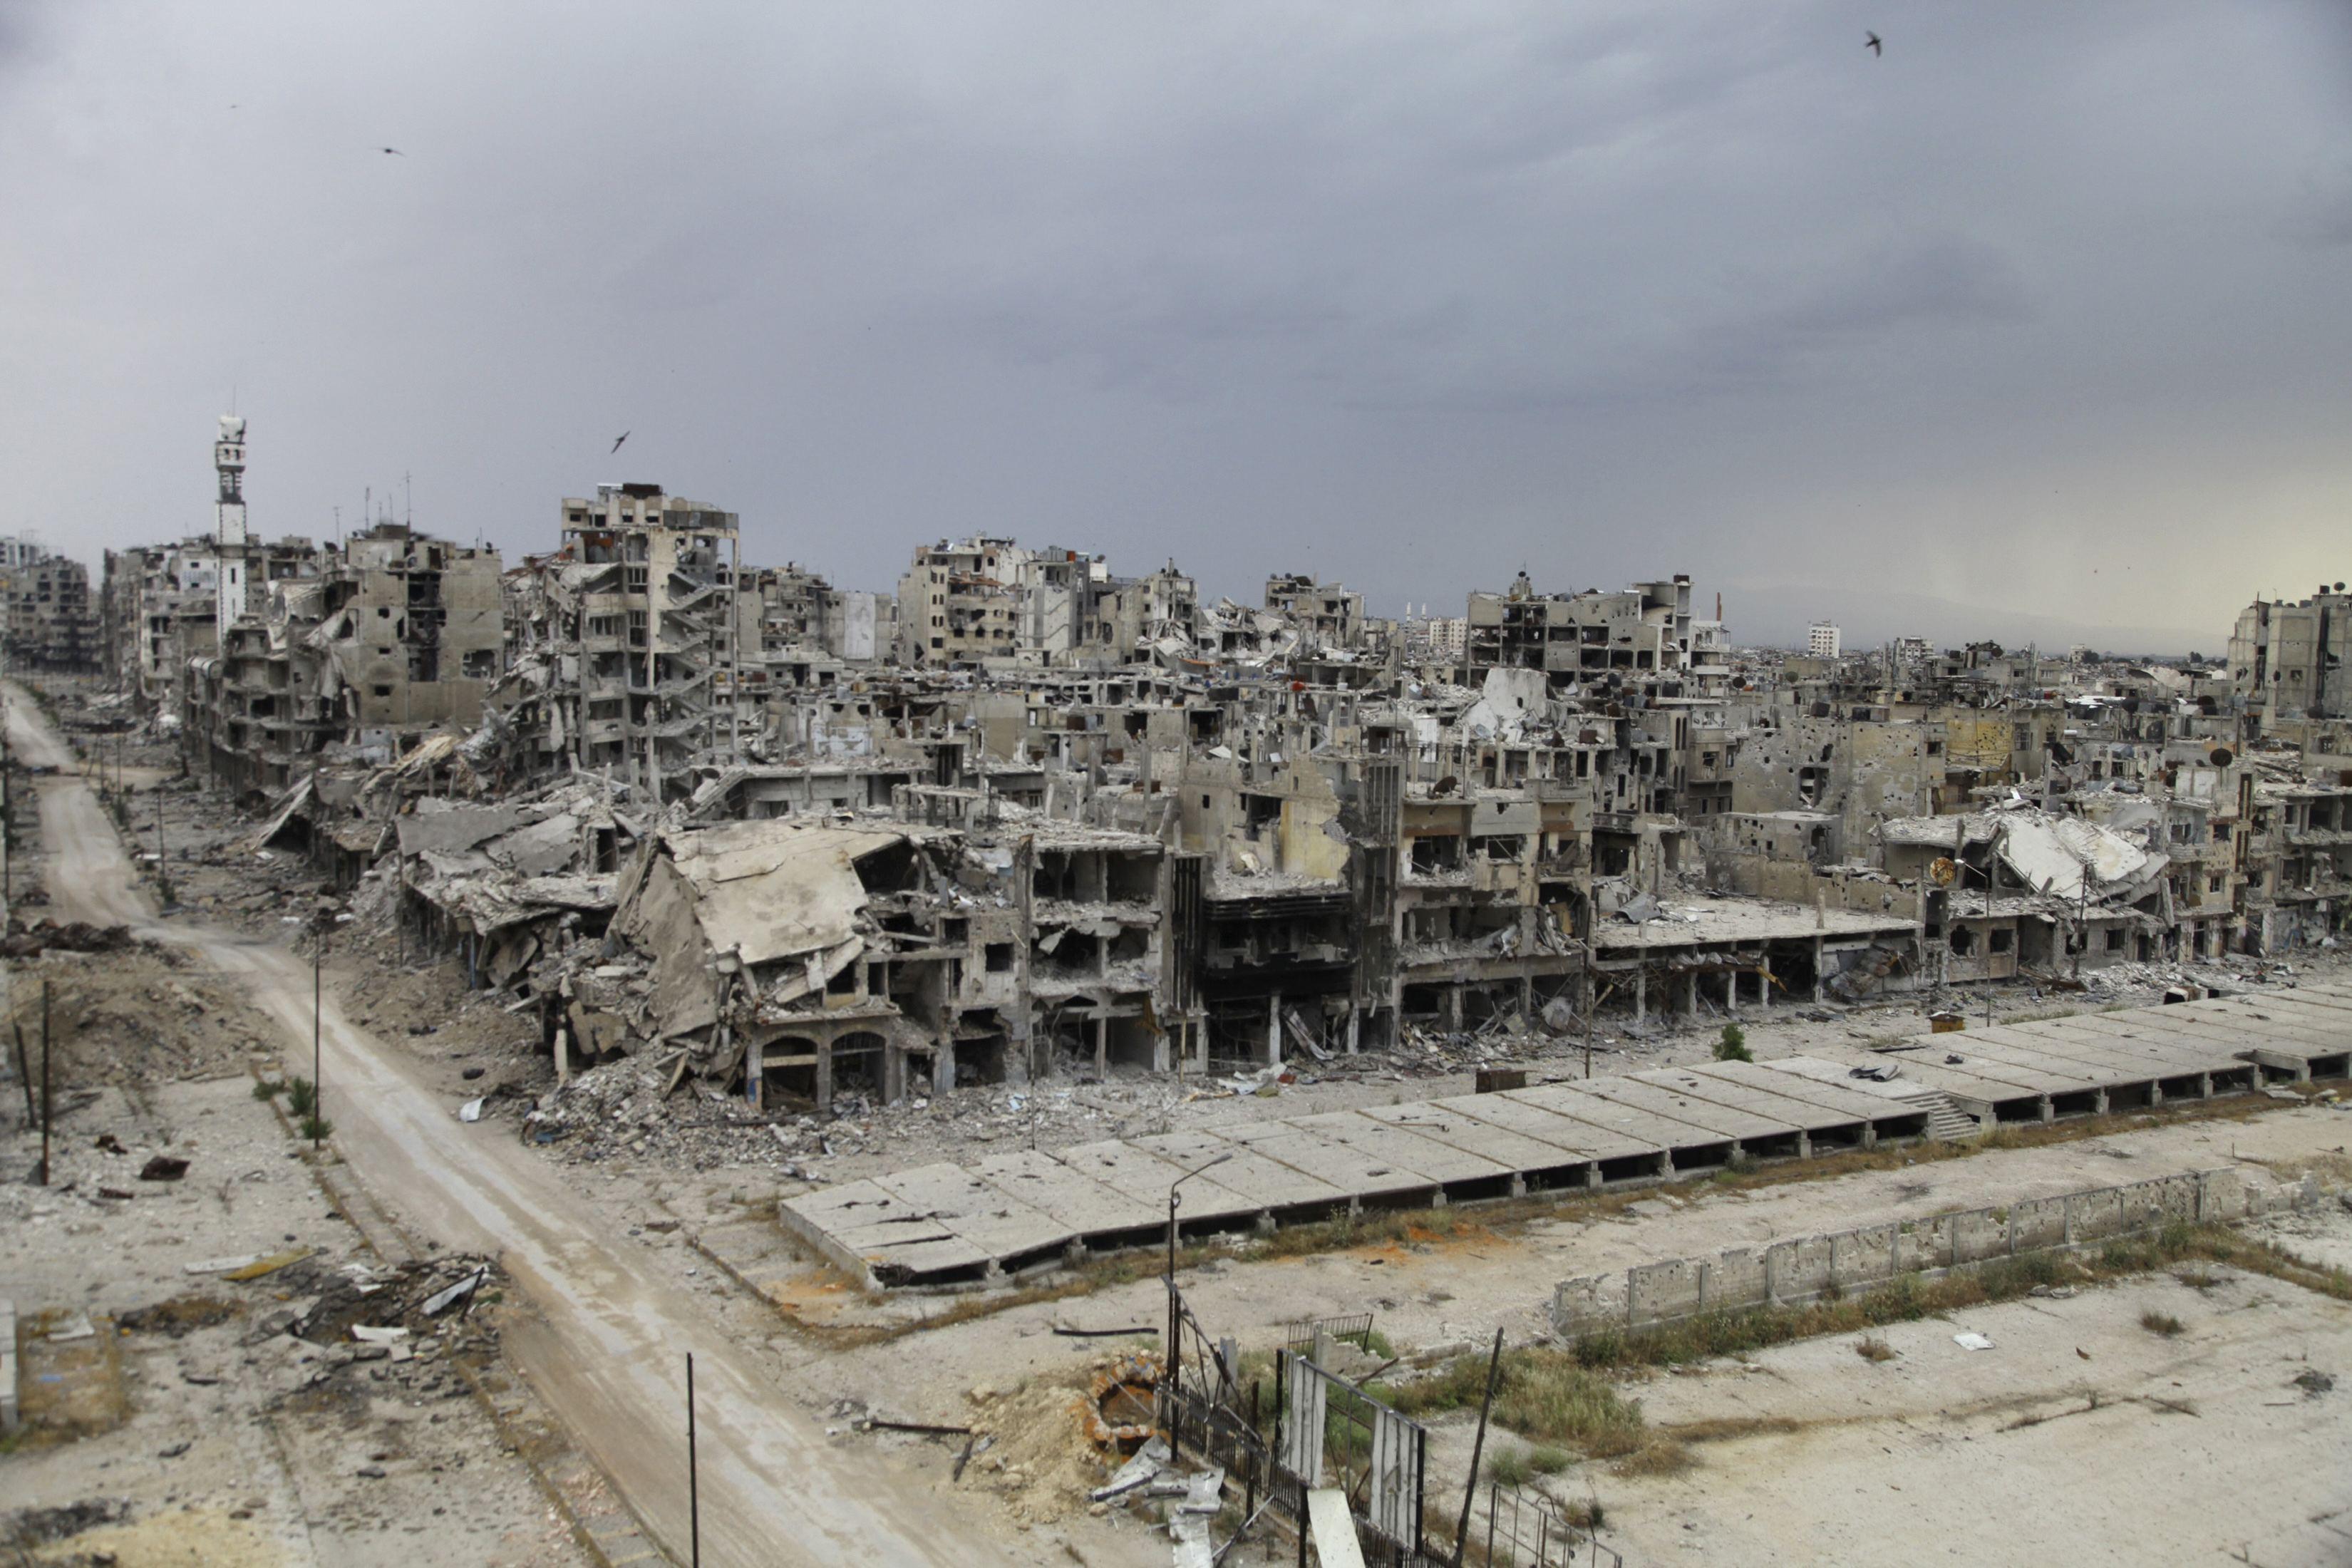 homs_en_ruine_syria-crisis.jpg